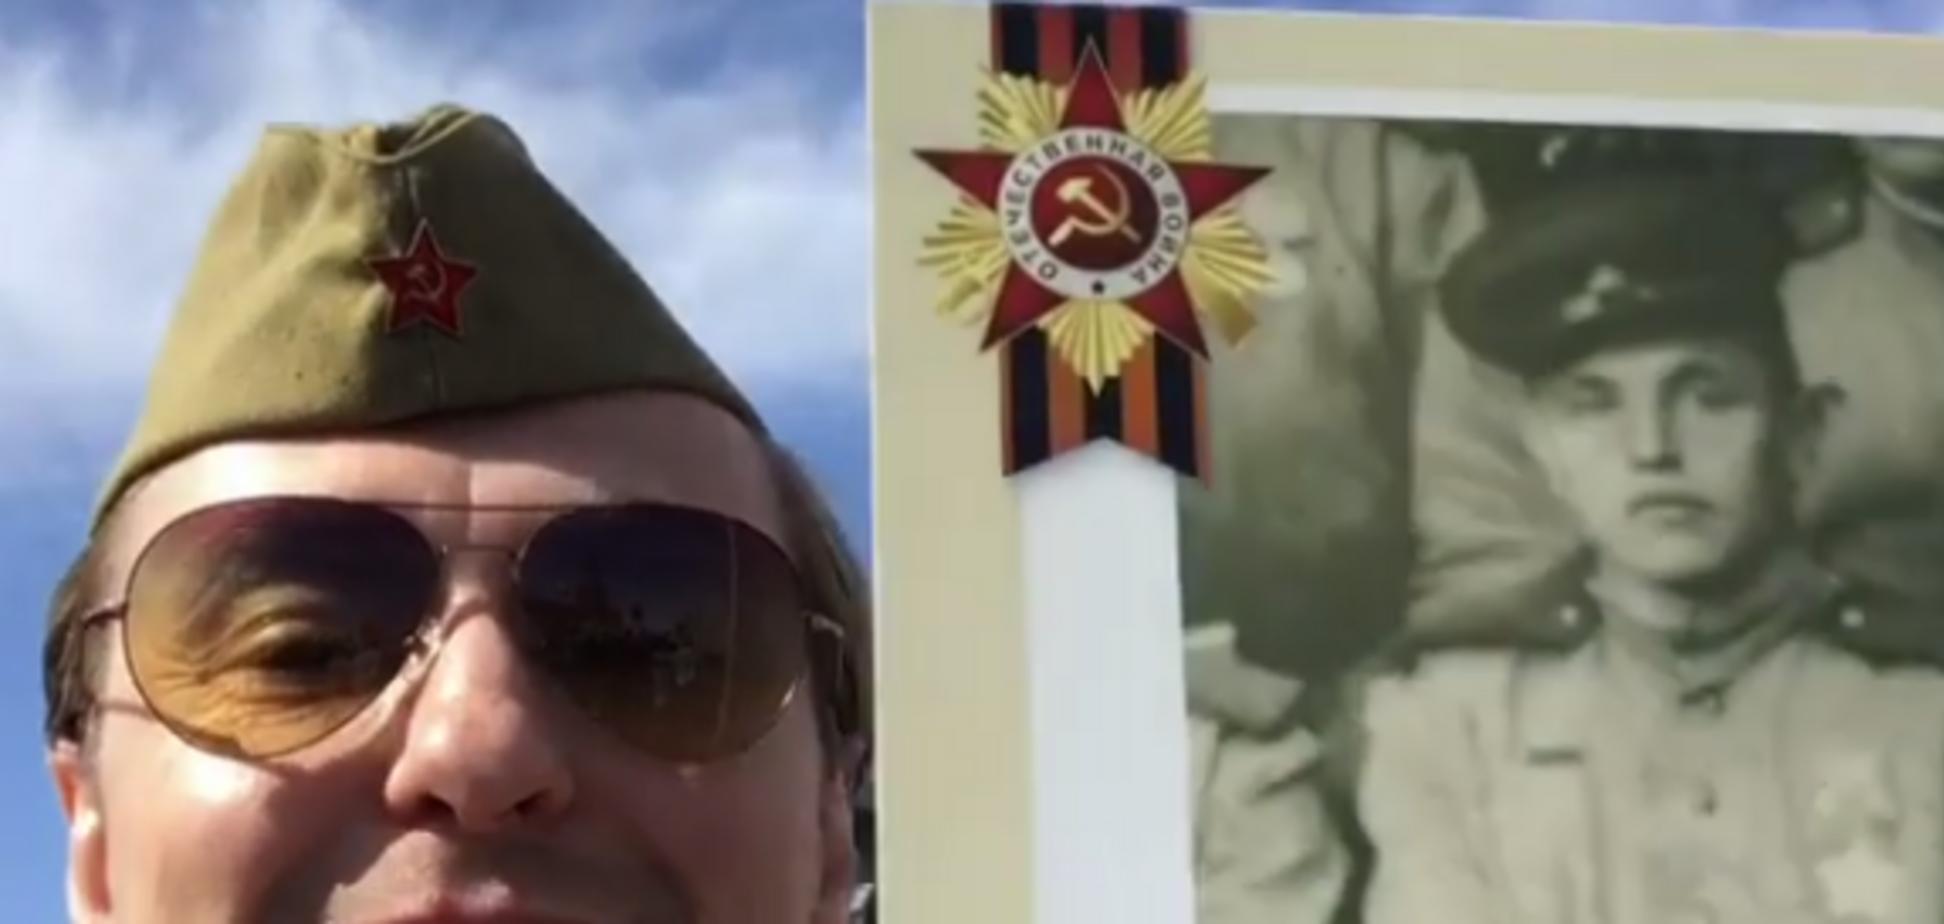 Орденоносный актер Путина из базы 'Миротворца' в 4 раз станет отцом